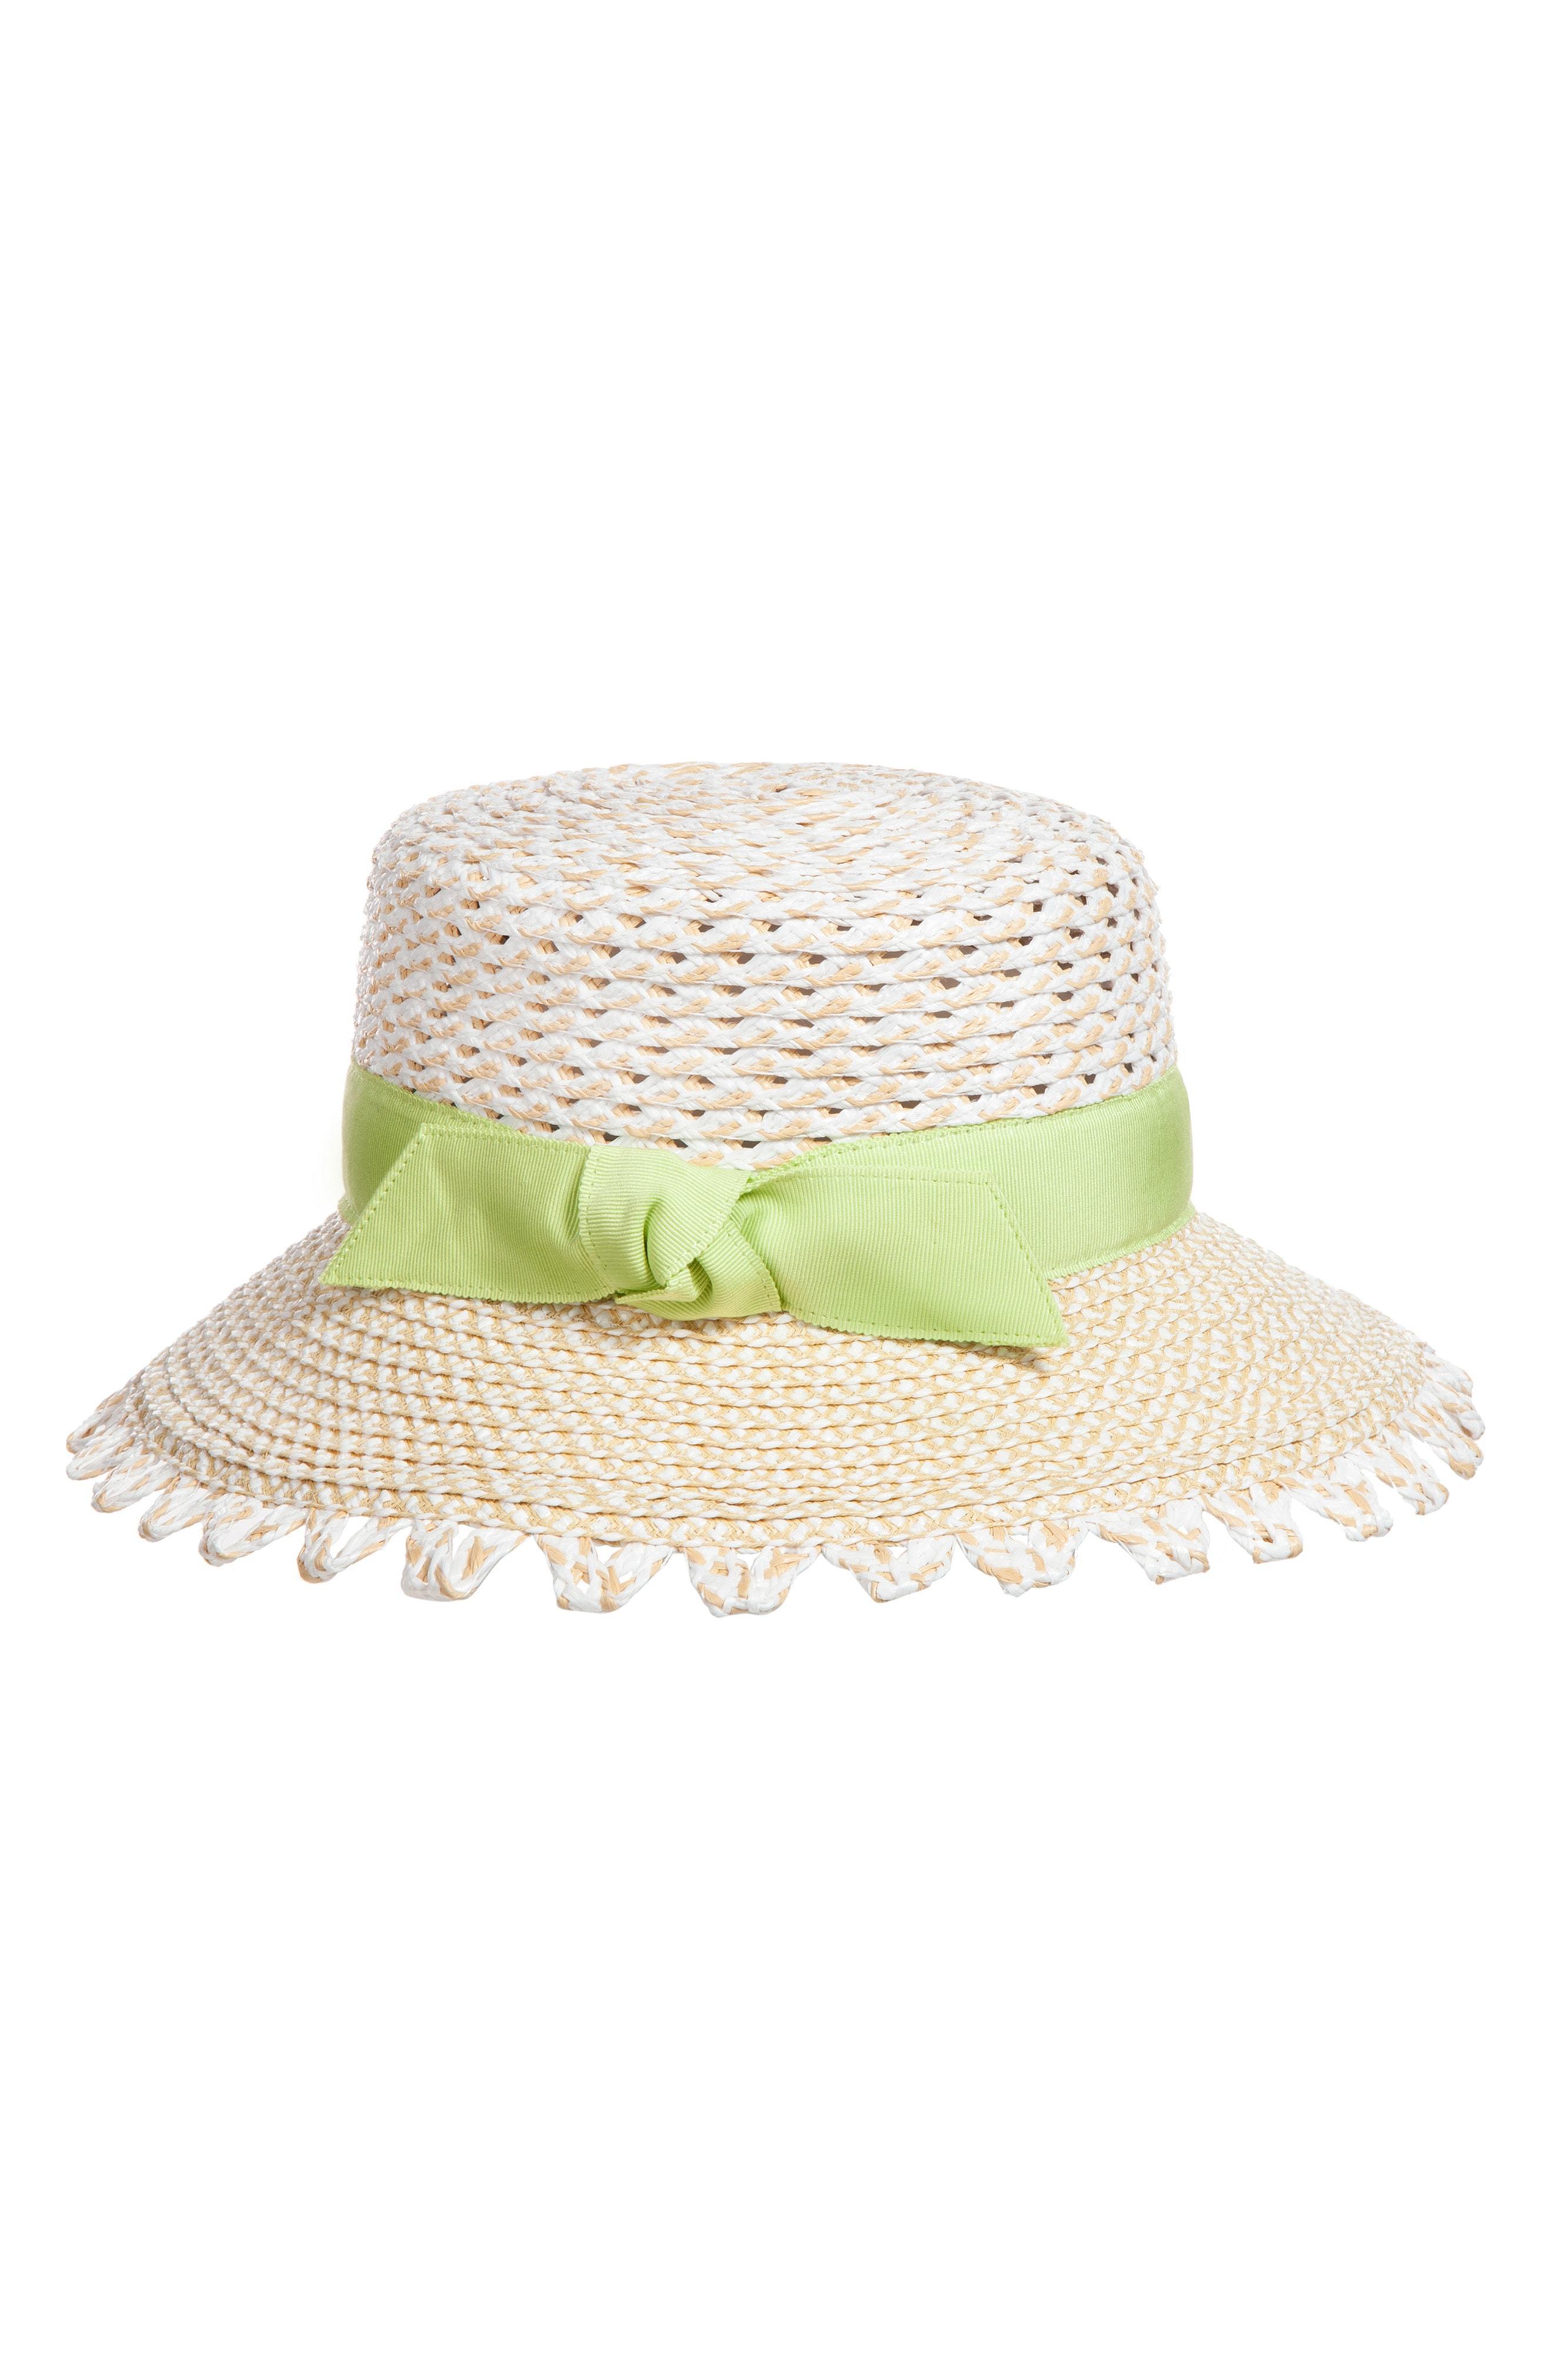 cf27195e4 Lyst - Eric Javits Montauk Squishee Sun Hat -